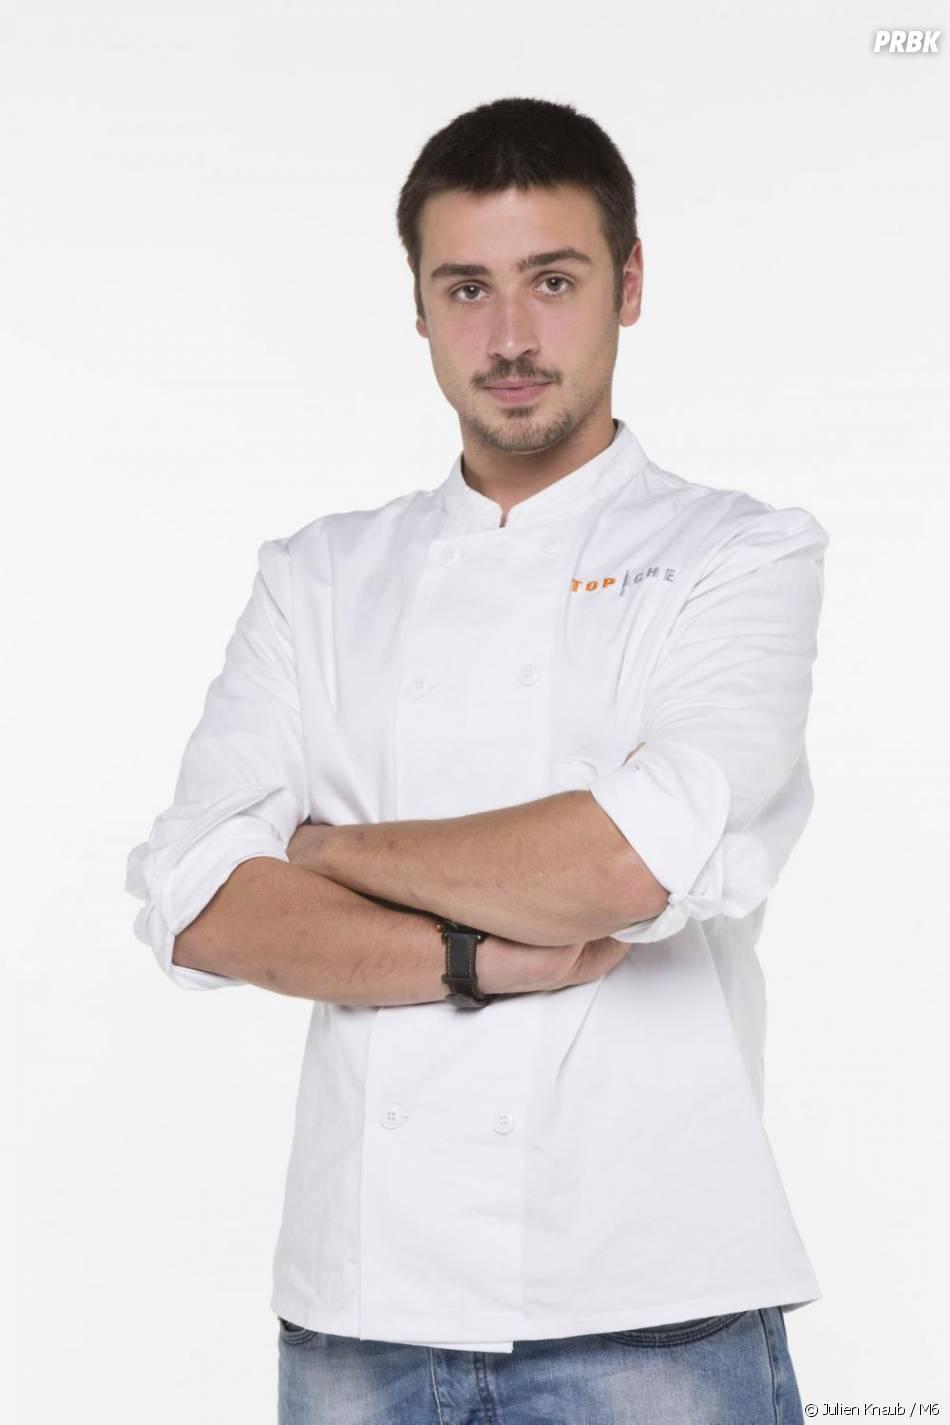 Quentin Bourdy, candidat de Top Chef 2013, se révèle au fur et à mesure